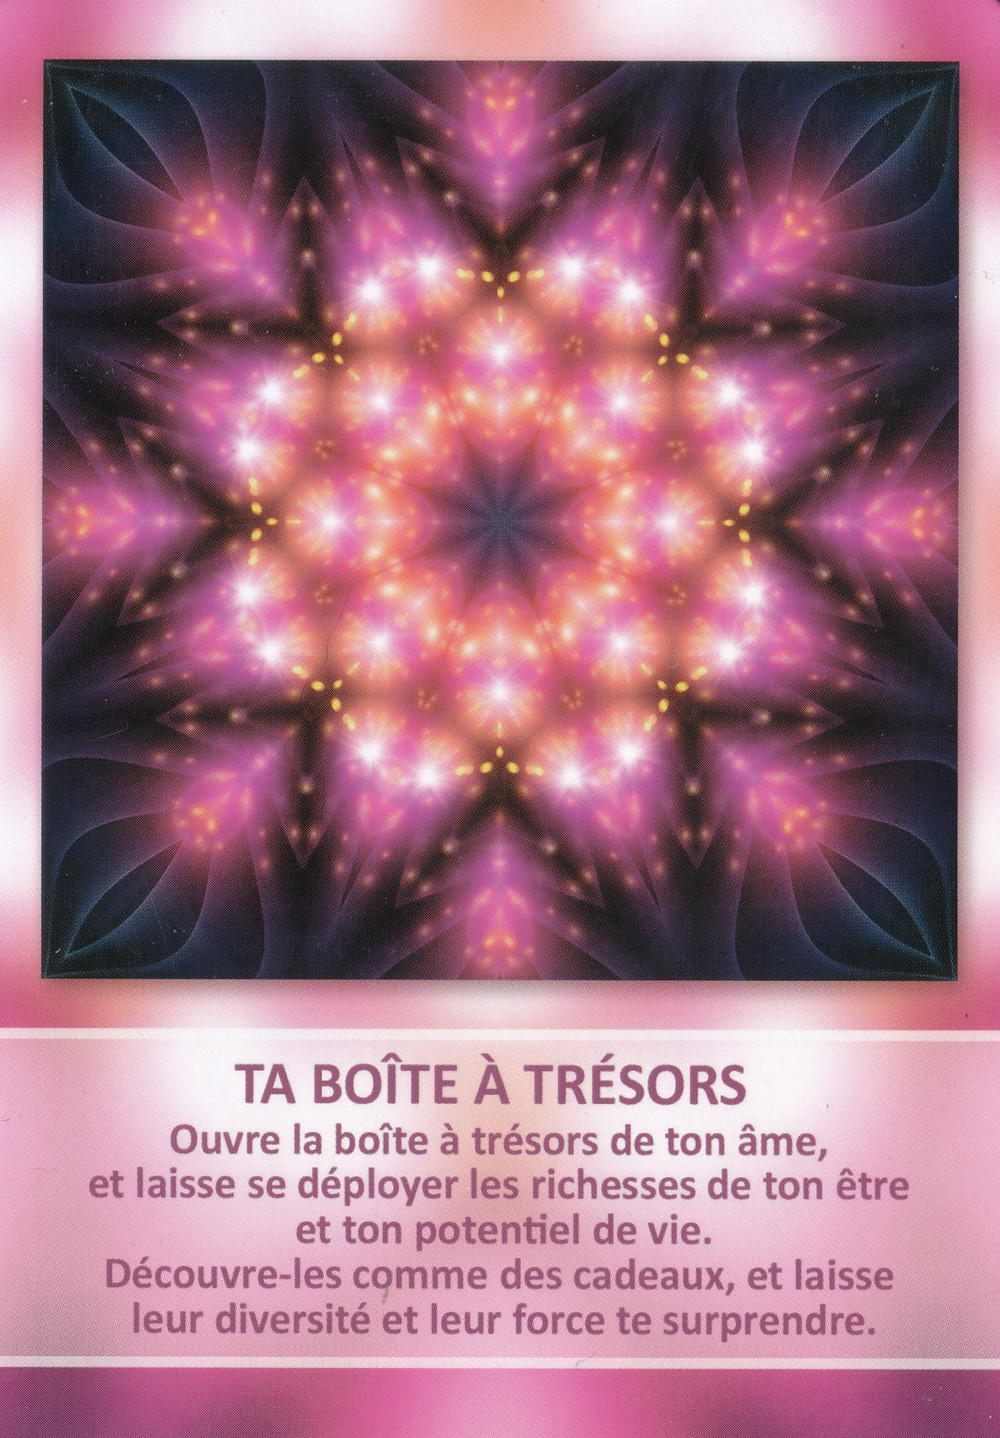 Carte tirée de l'Oracle des Mandalas d'Énergie de Gaby Shayana Hoffmann - Ta boîte à trésors - énergies du 1er au 7 juillet 2019, Nouvelle-Lune éclipse du 2 juillet